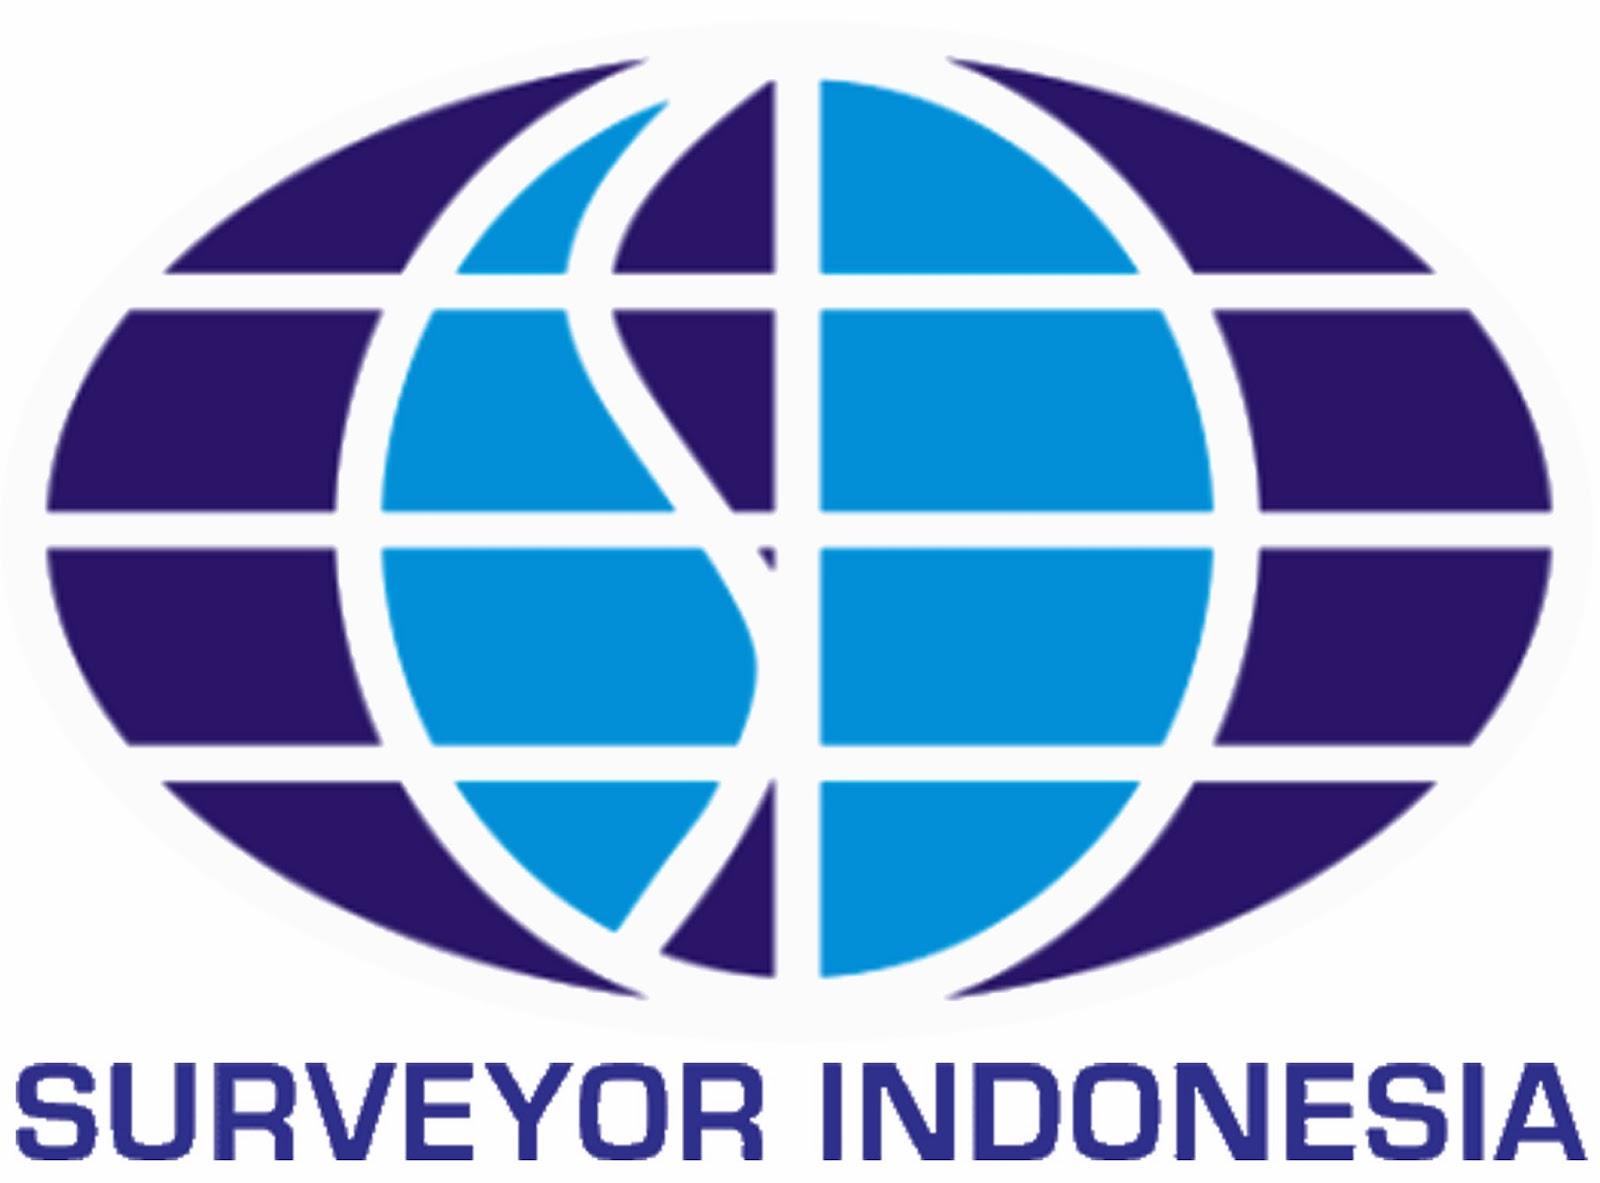 Loker Bank Makassar 2013 Lowongan Kerja Loker Terbaru Bulan September 2016 Lowongan Kerja Bumn Yogyakarta September 2013 Lokerz